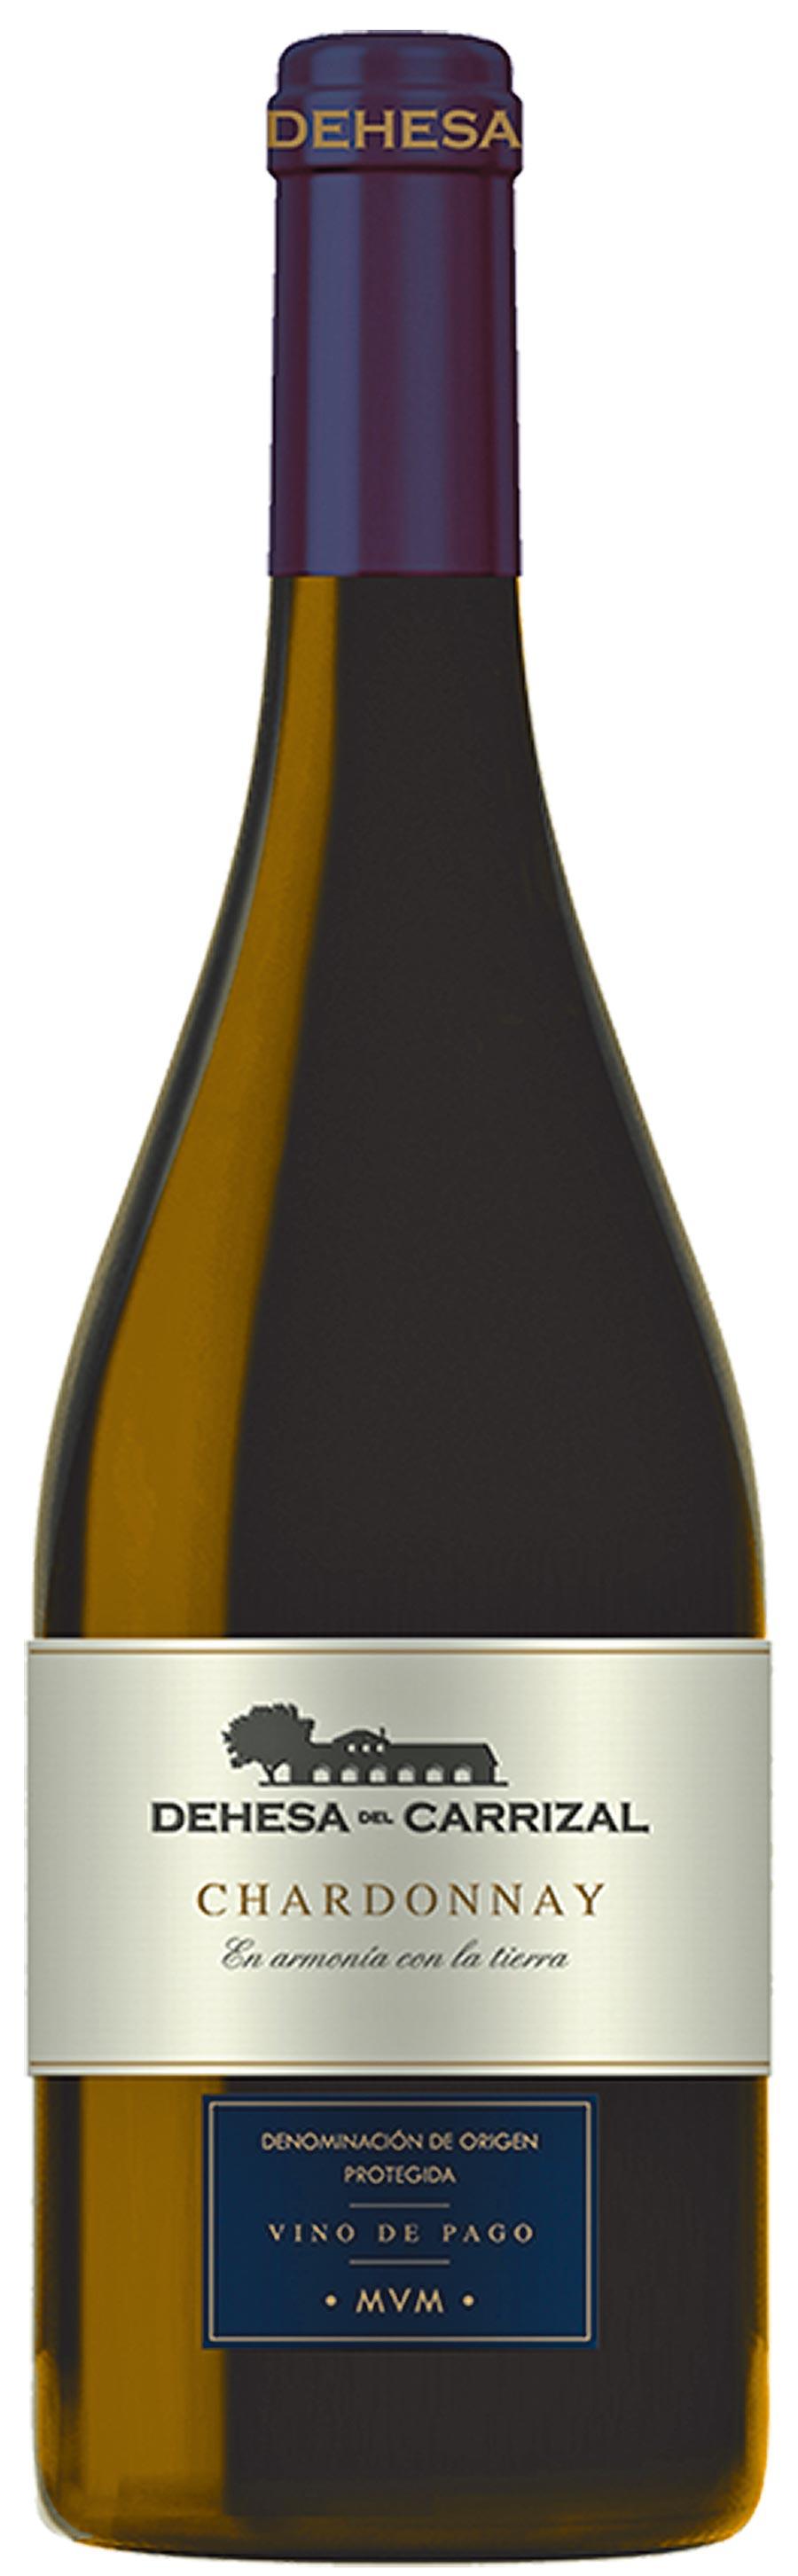 西班牙卡利薩爾酒莊的Chardonnay作品,拿來搭海鮮相當適合。(醴酩提供)